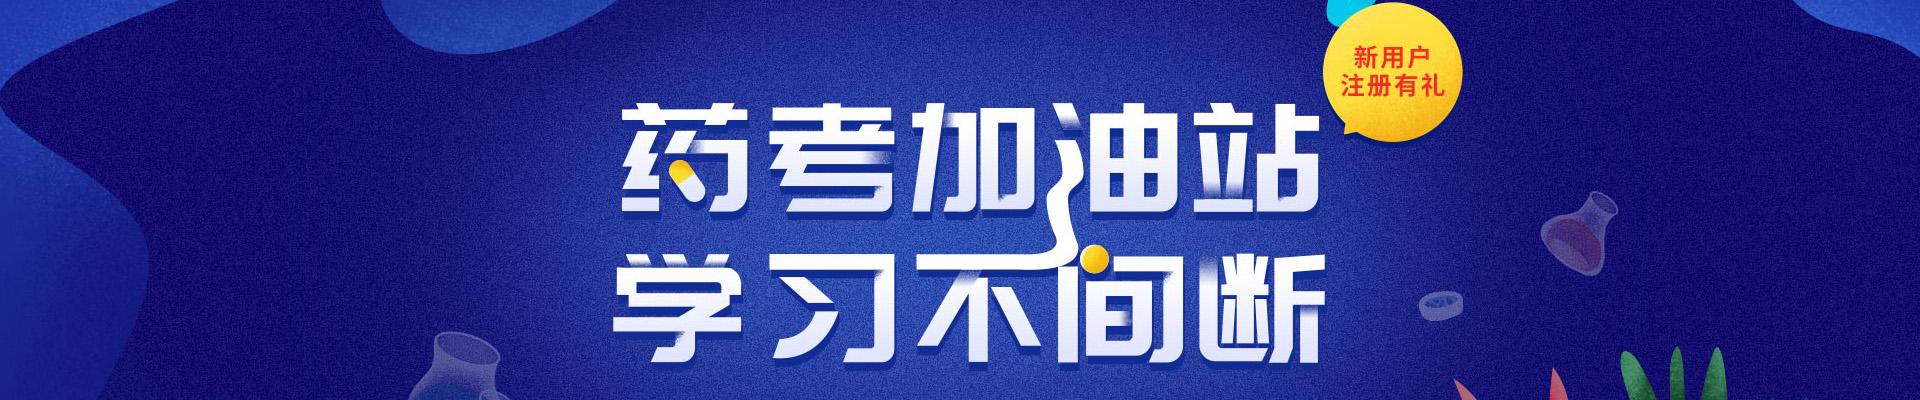 河南郑州西区优路教育培训学校